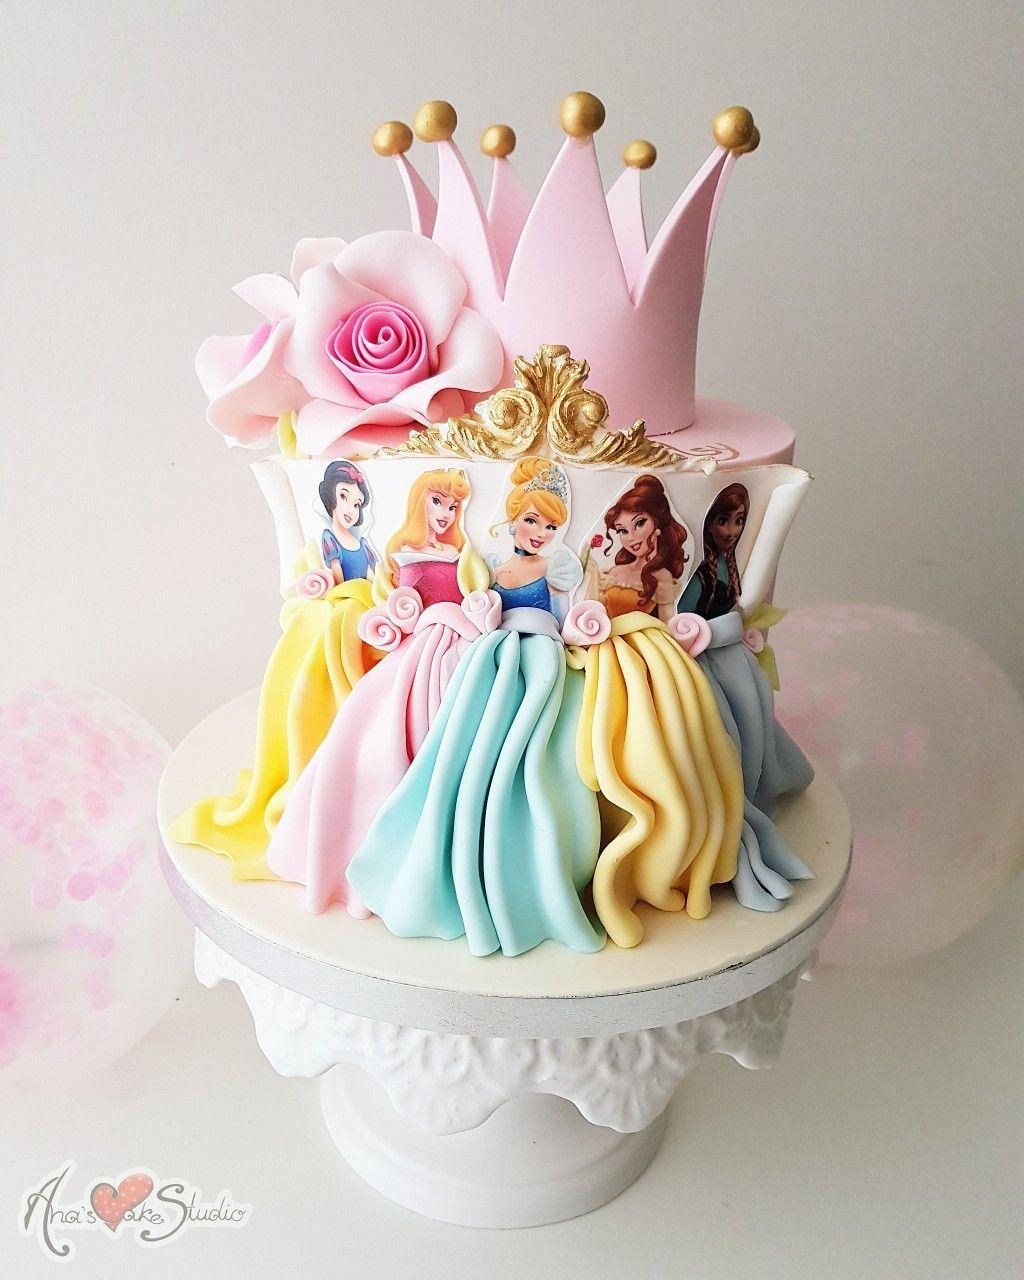 Stupendous Princess Cake Disneyprincess Princess Birthday Cake Homemade Personalised Birthday Cards Petedlily Jamesorg